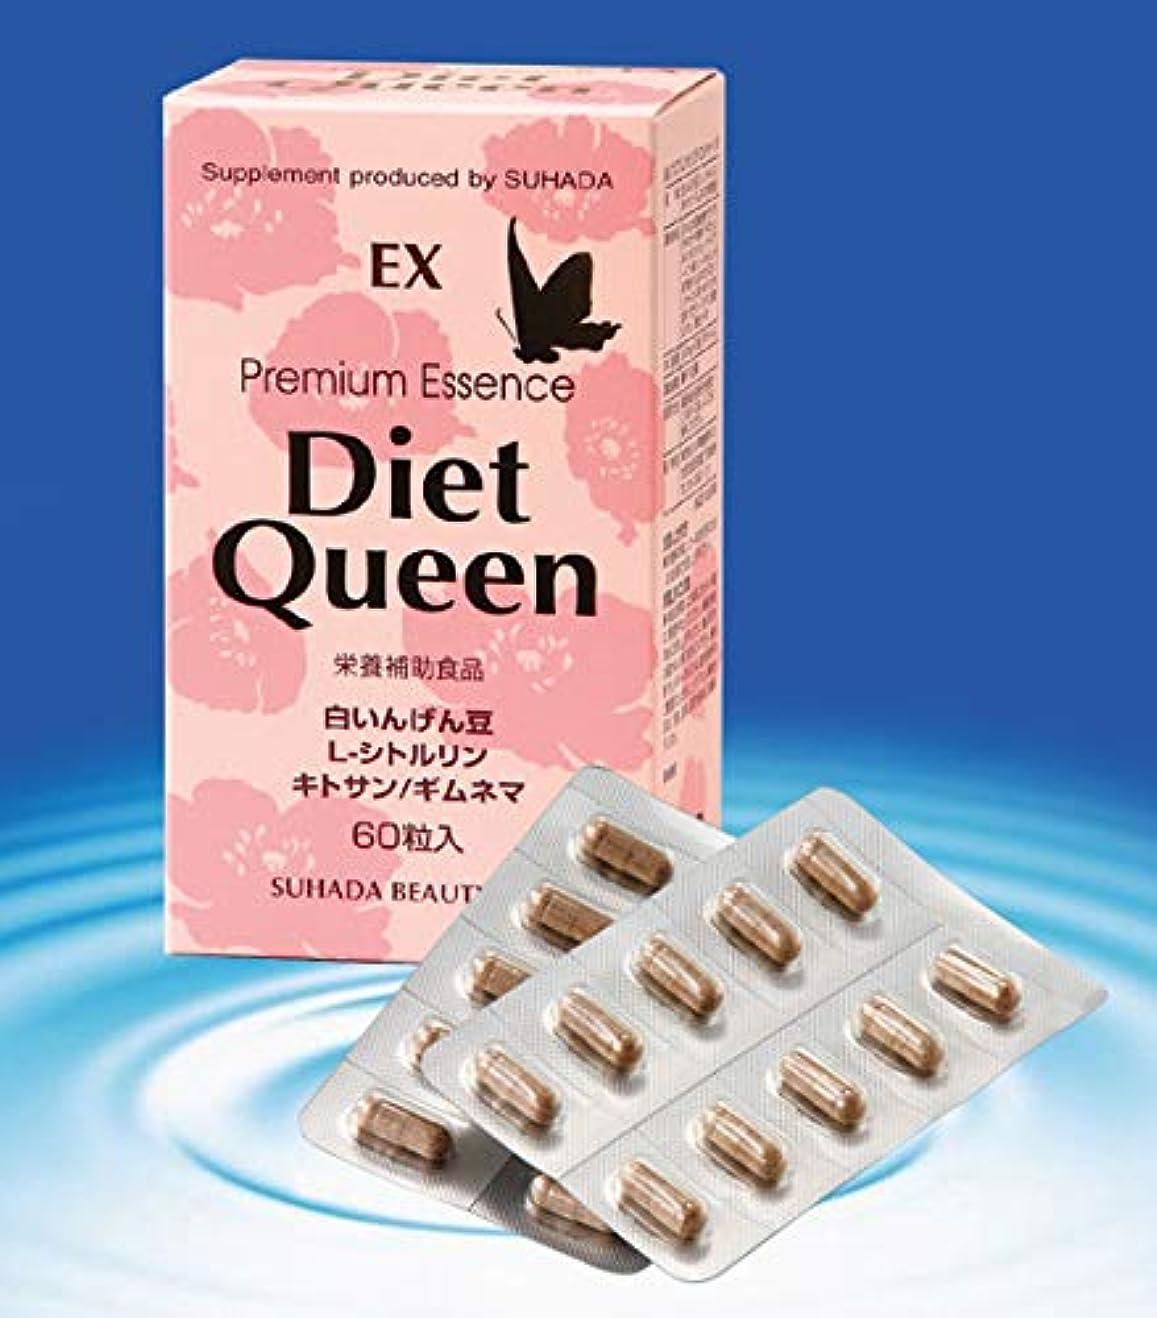 プレミアムエッセンス ダイエットクイーン EX 60粒 Premium Essence Diet Queen